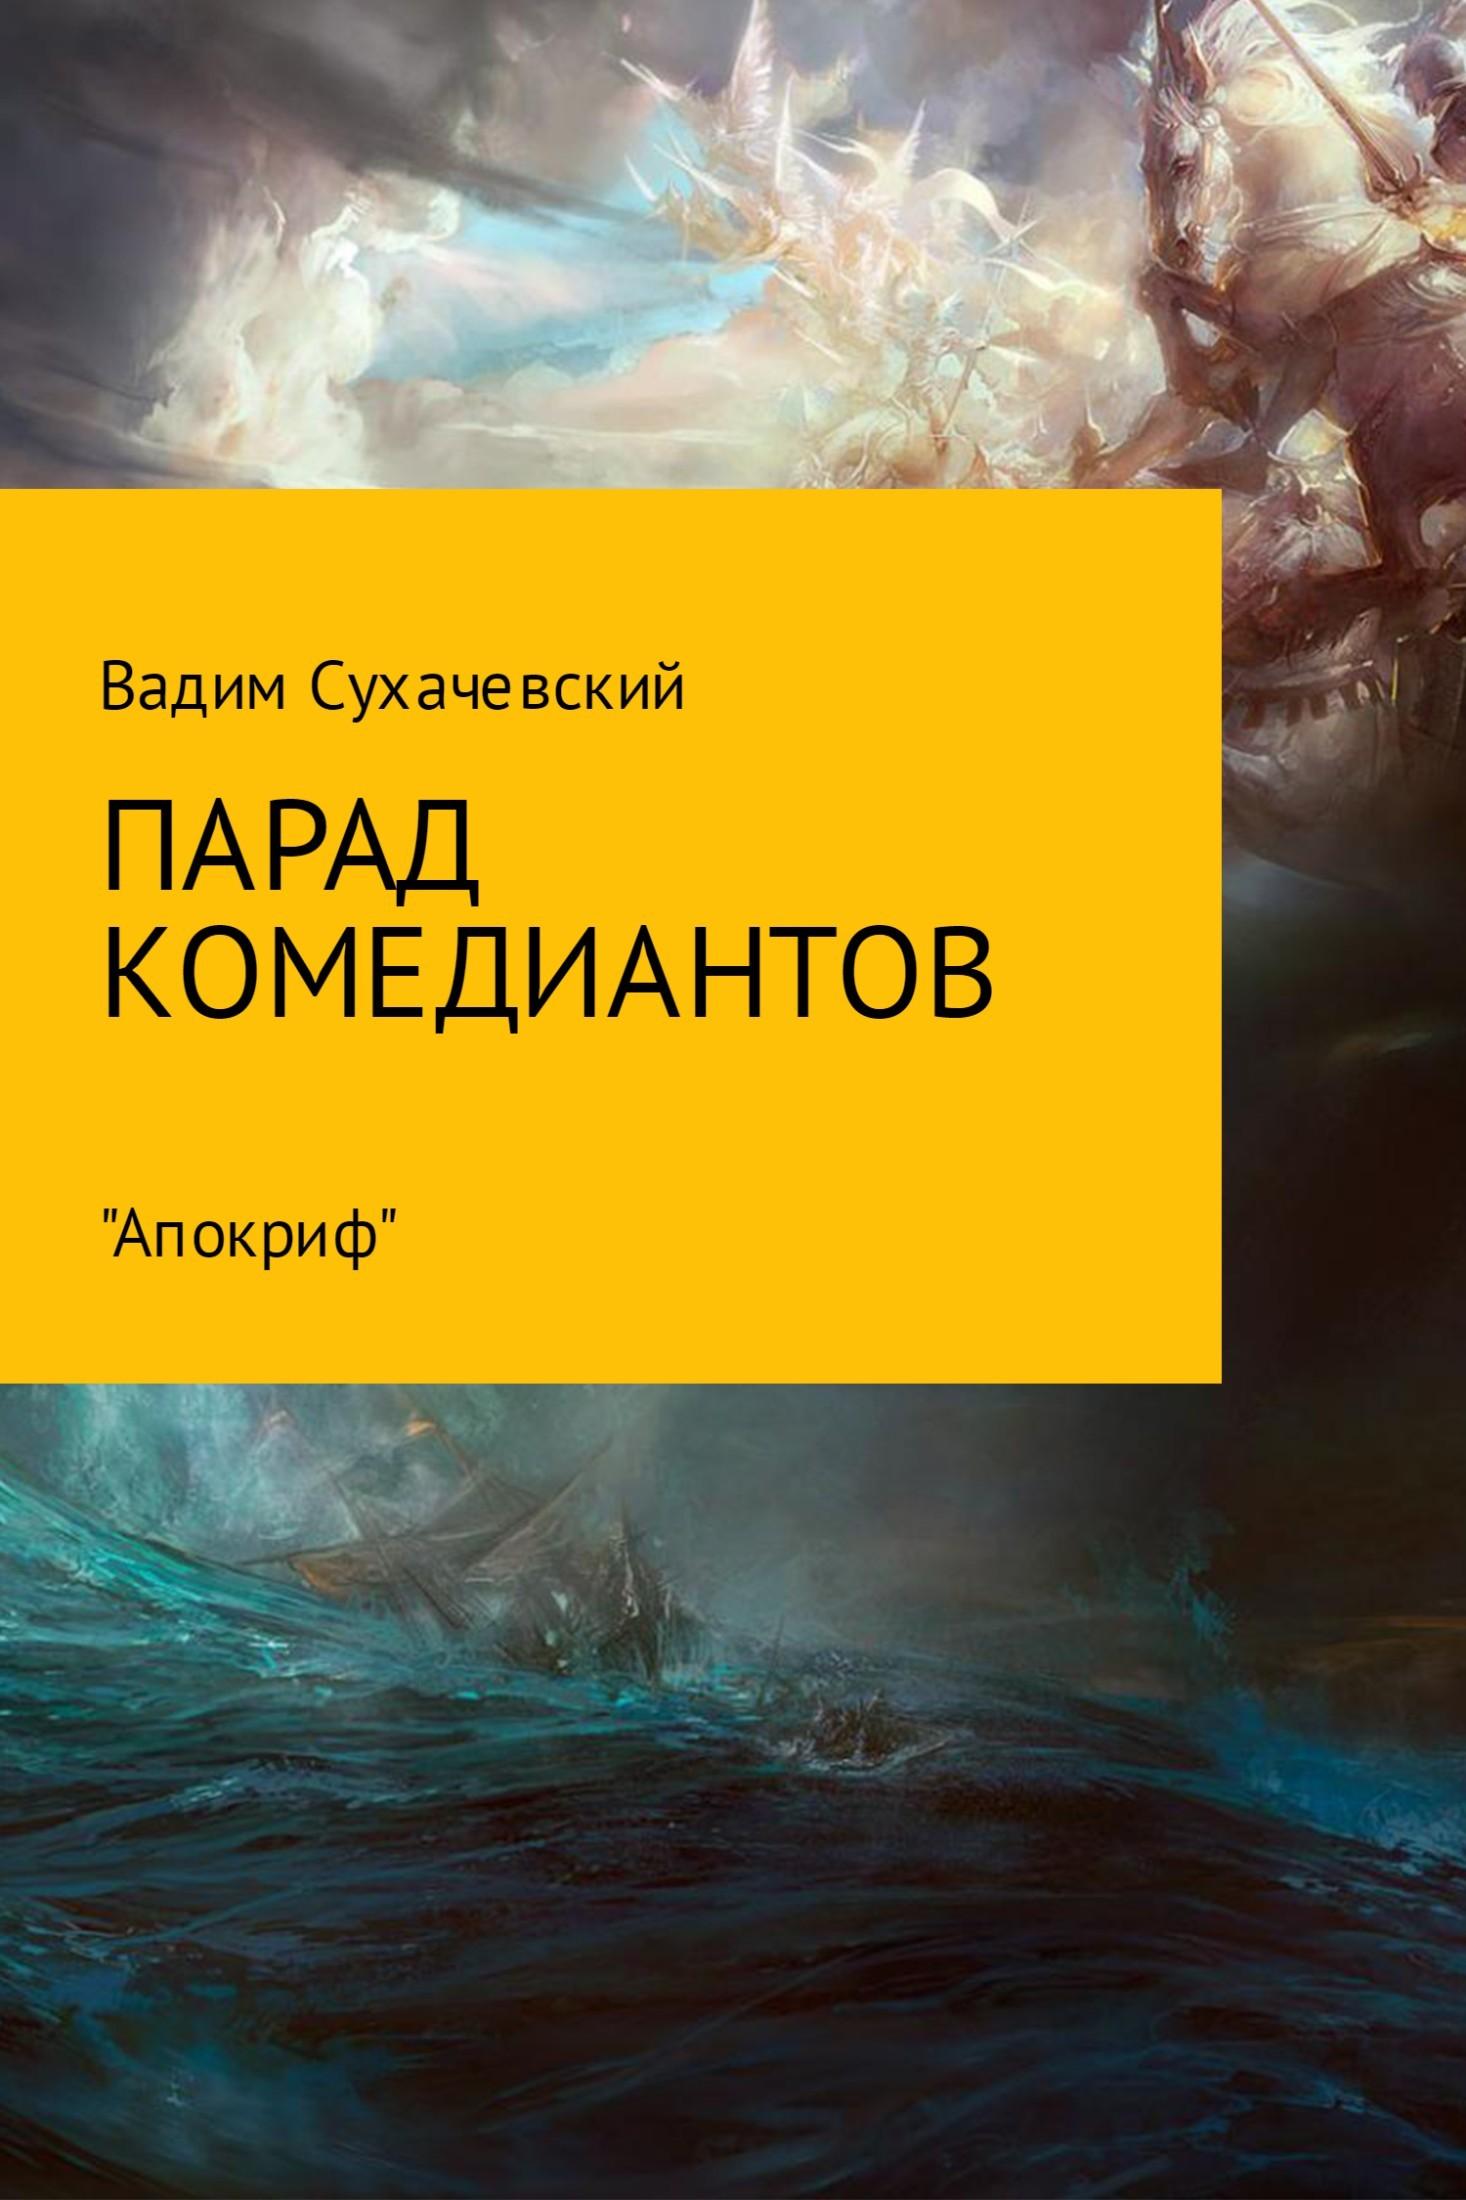 Вадим Вольфович Сухачевский Парад комедиантов вадим сухачевский злой октябрь